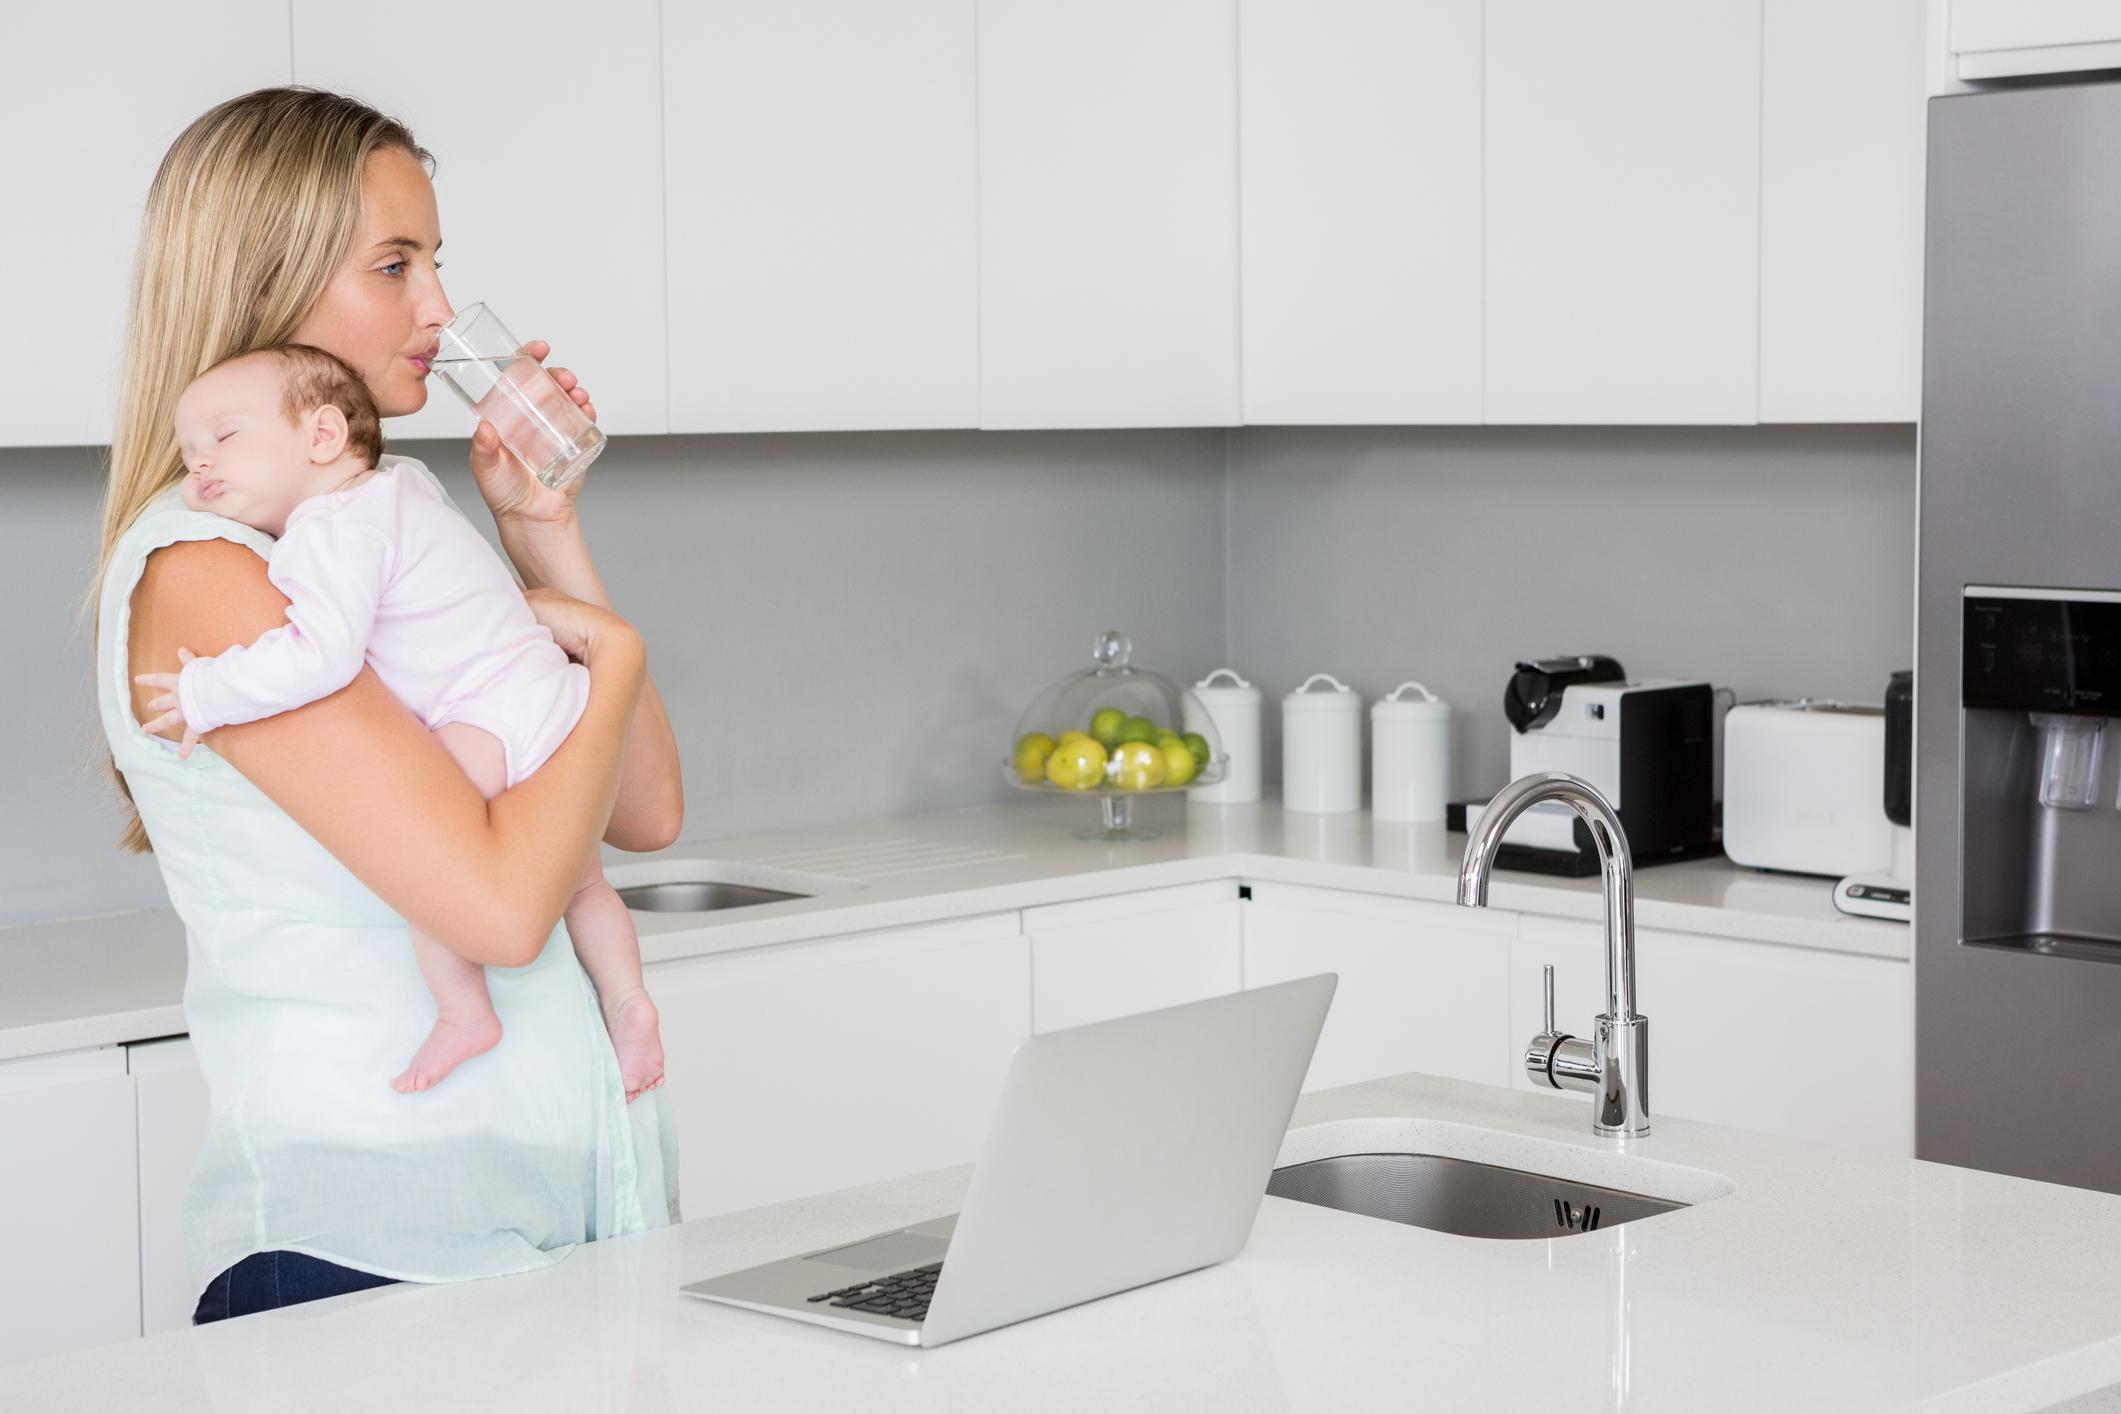 Premium drinking water filter under the sink in the kitchen